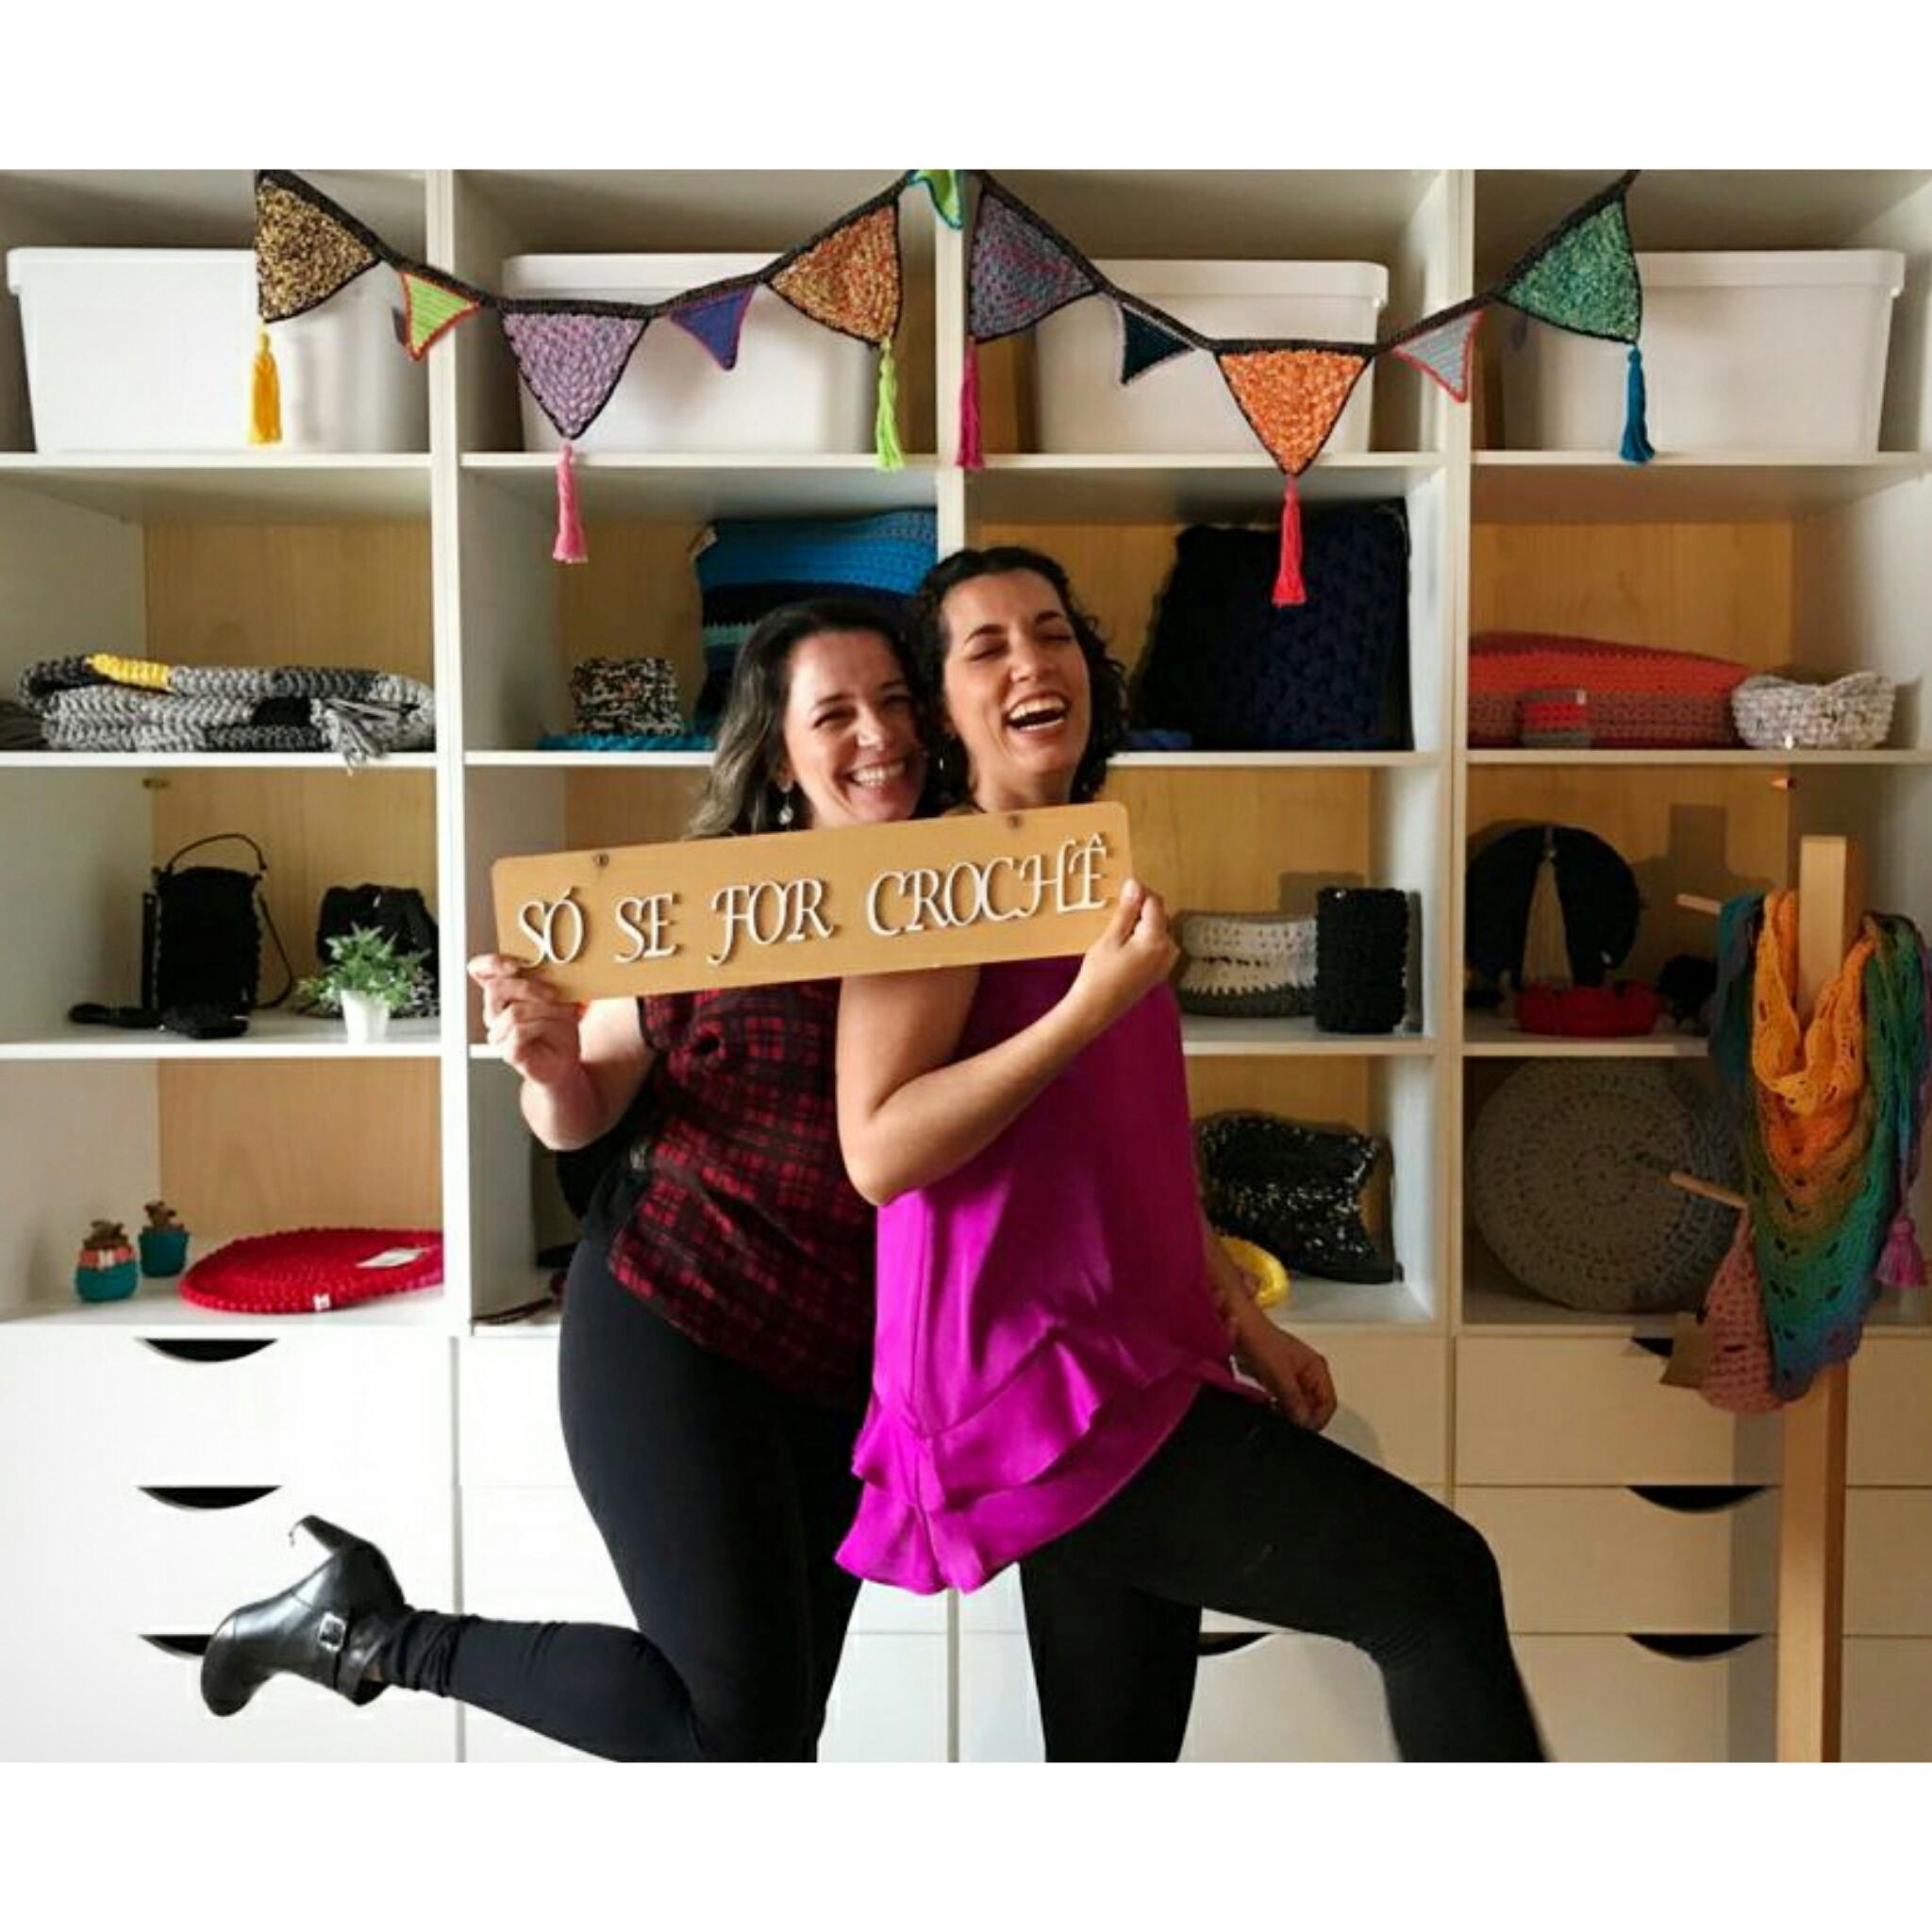 f8813305e Rosangela Lopes é Arquiteta, mãe e crocheteira de mão cheia - Karina Lopes  é Designer, esposa (agora também mãe) e arteira pau pra toda obra!